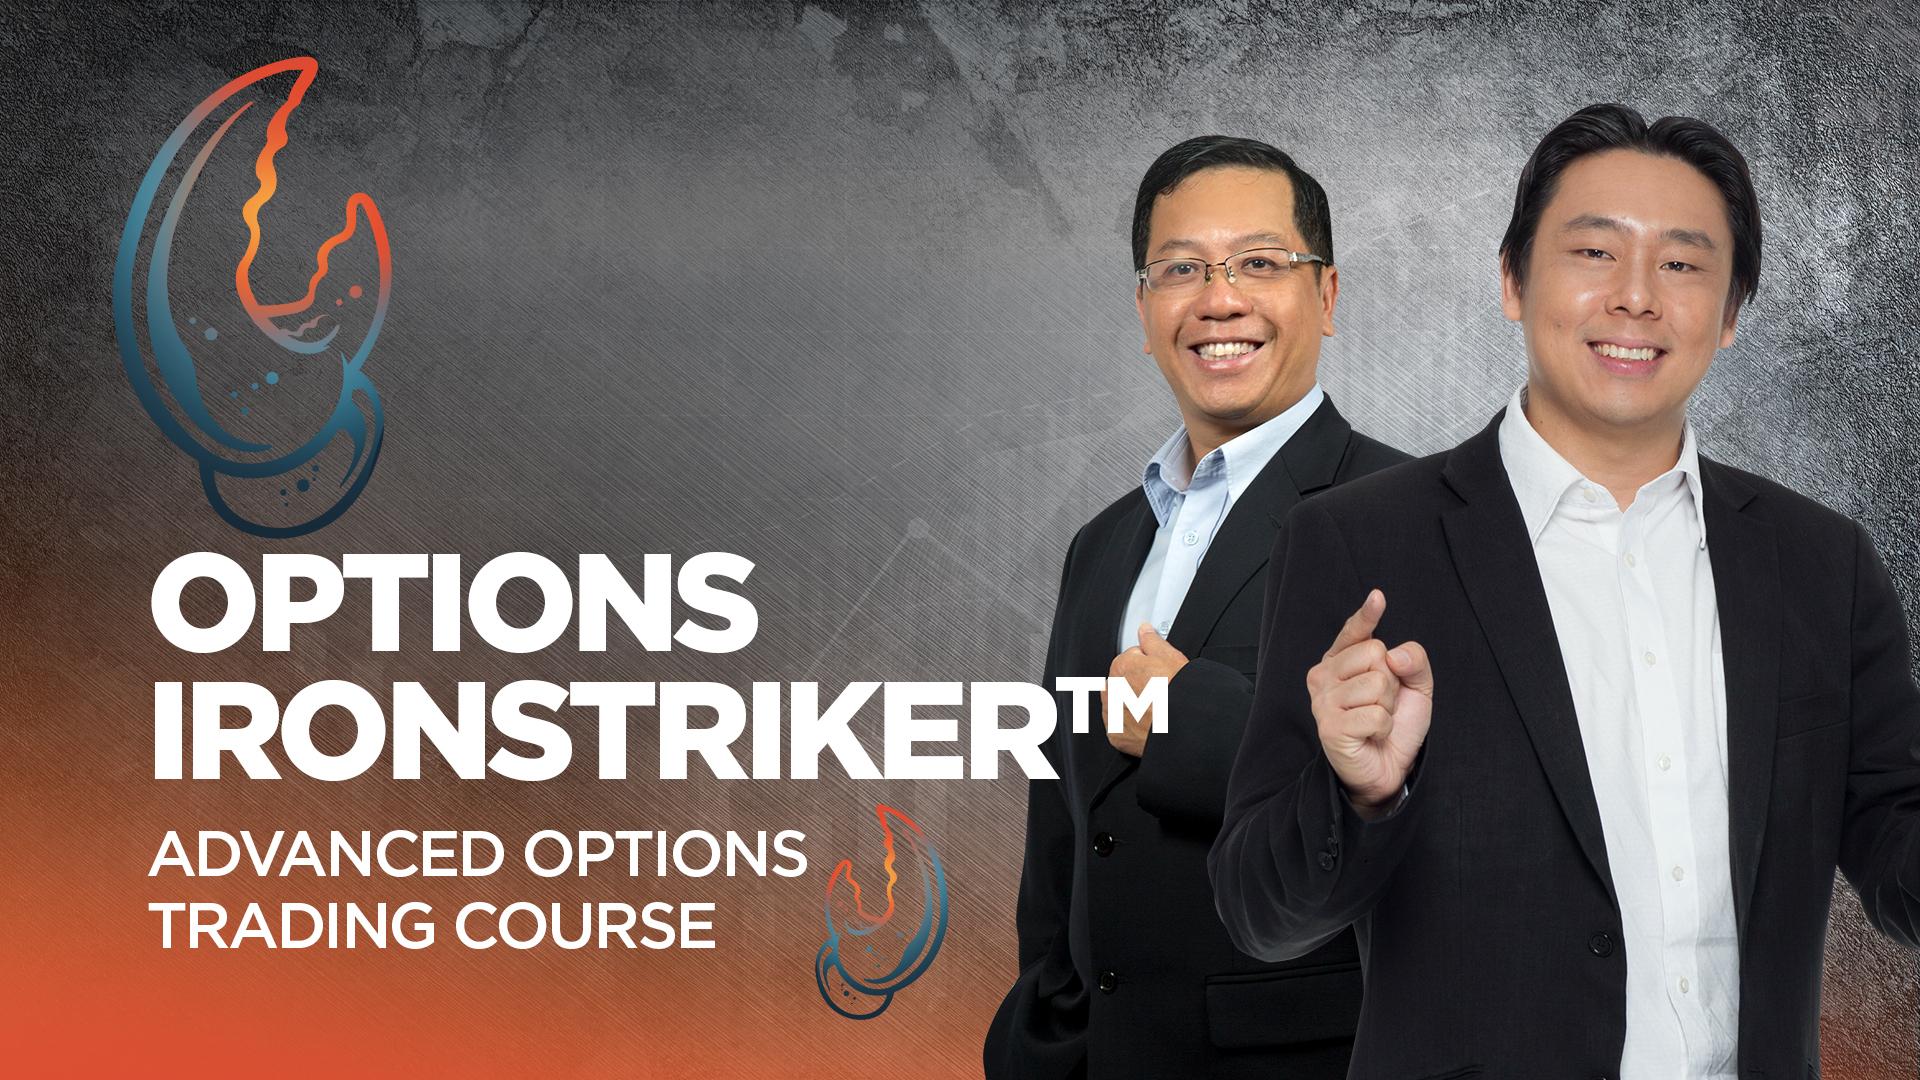 PP Ironstriker Upsell Webinar EDITED-1